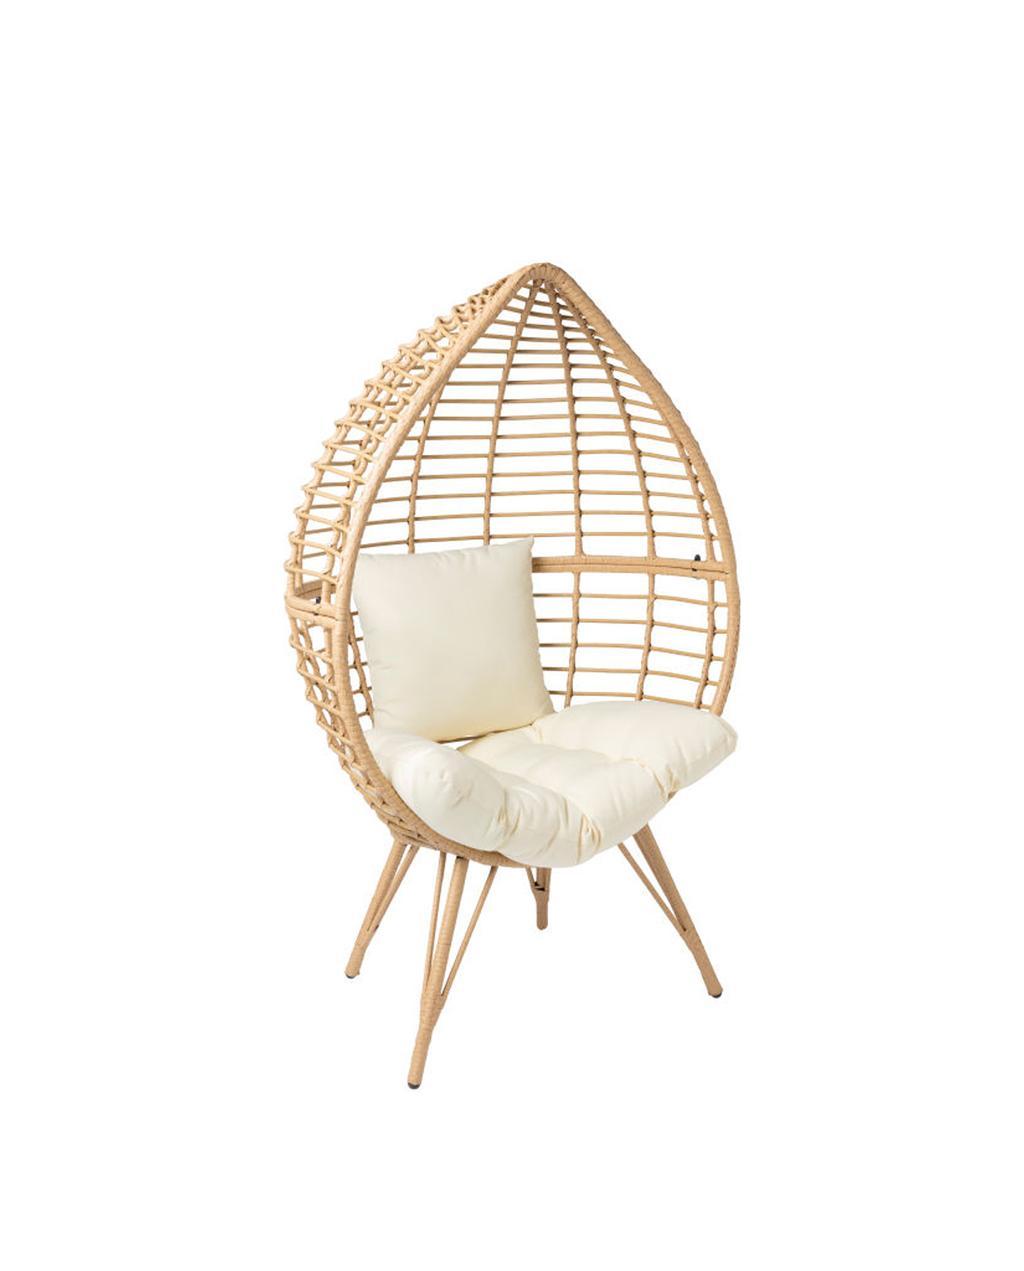 Rieten stoel in de vorm van een ei met poten en witte kussens